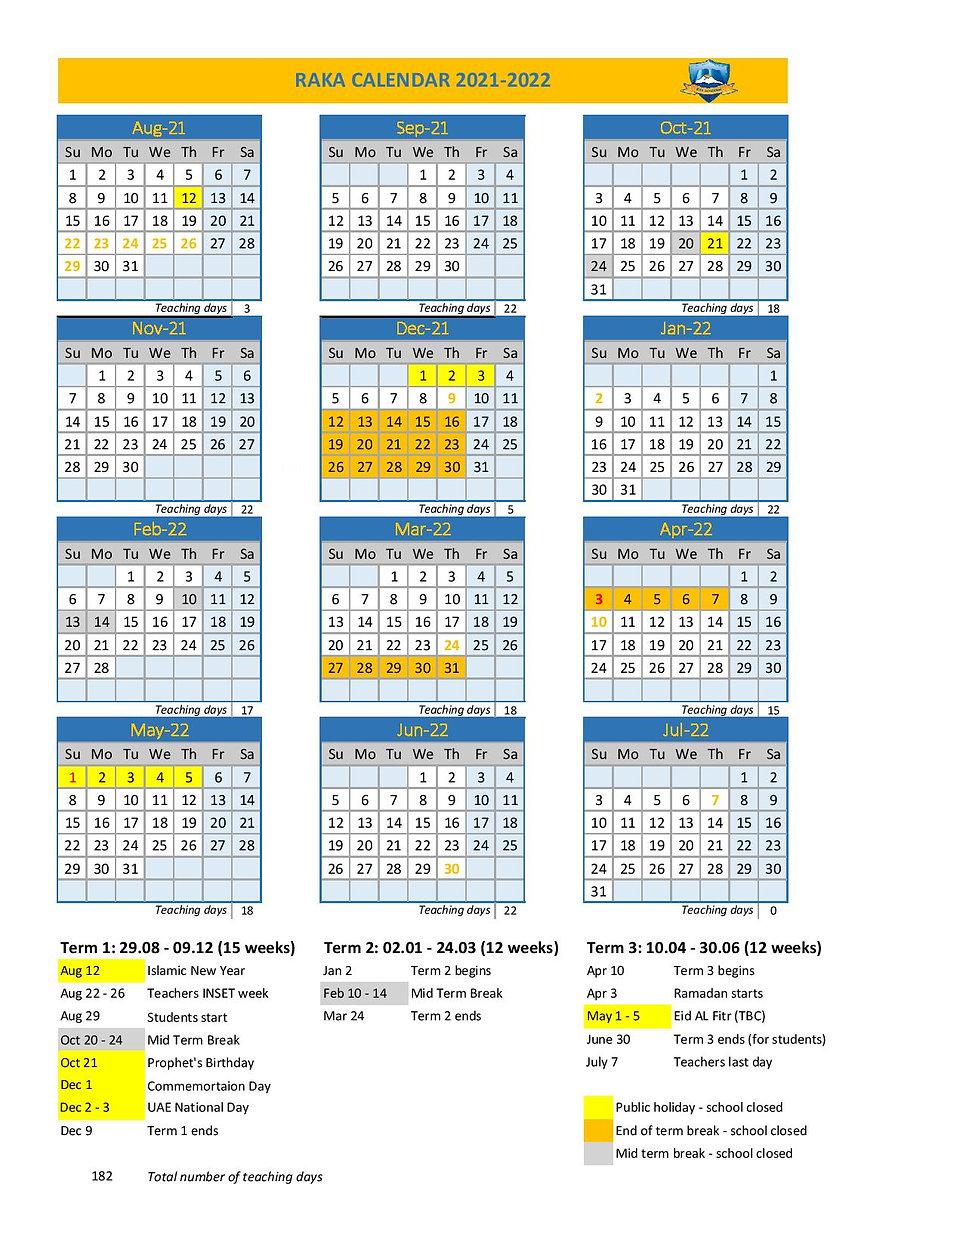 RAKA Calendar 2021-2022-page-001.jpg